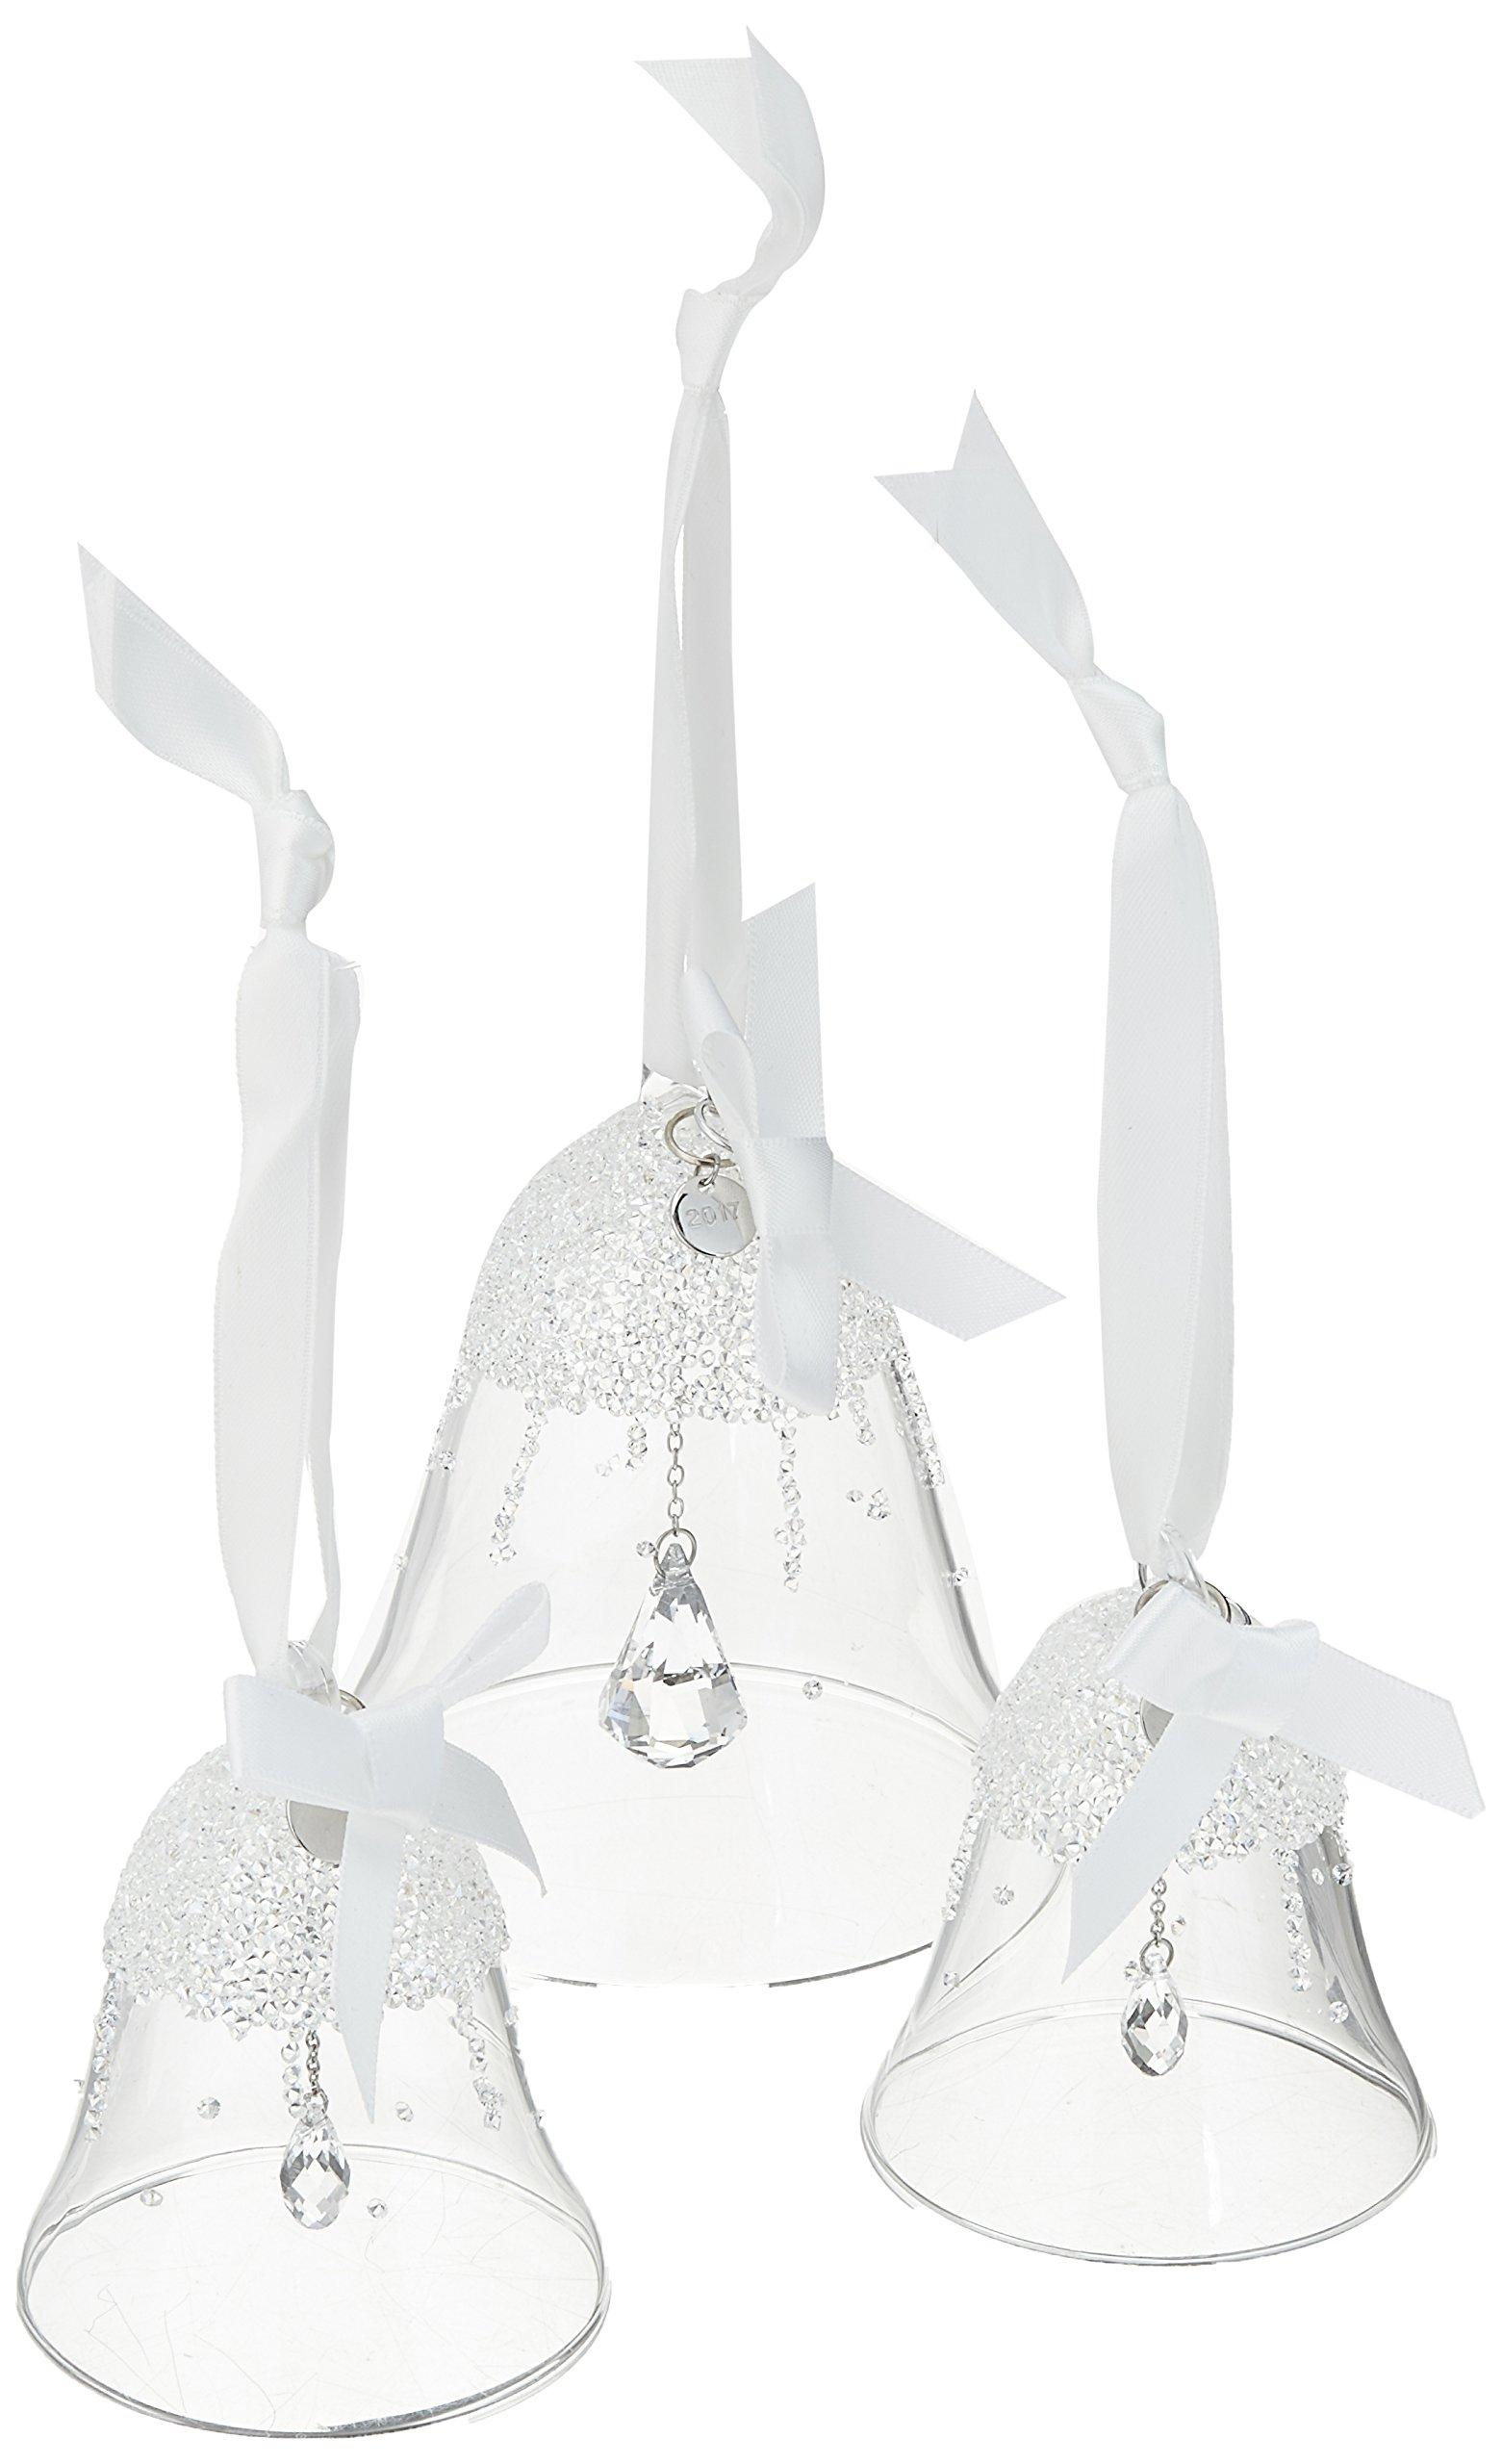 Swarovski Annual Christmas Bell 2017 Ornament Set by Swarovski